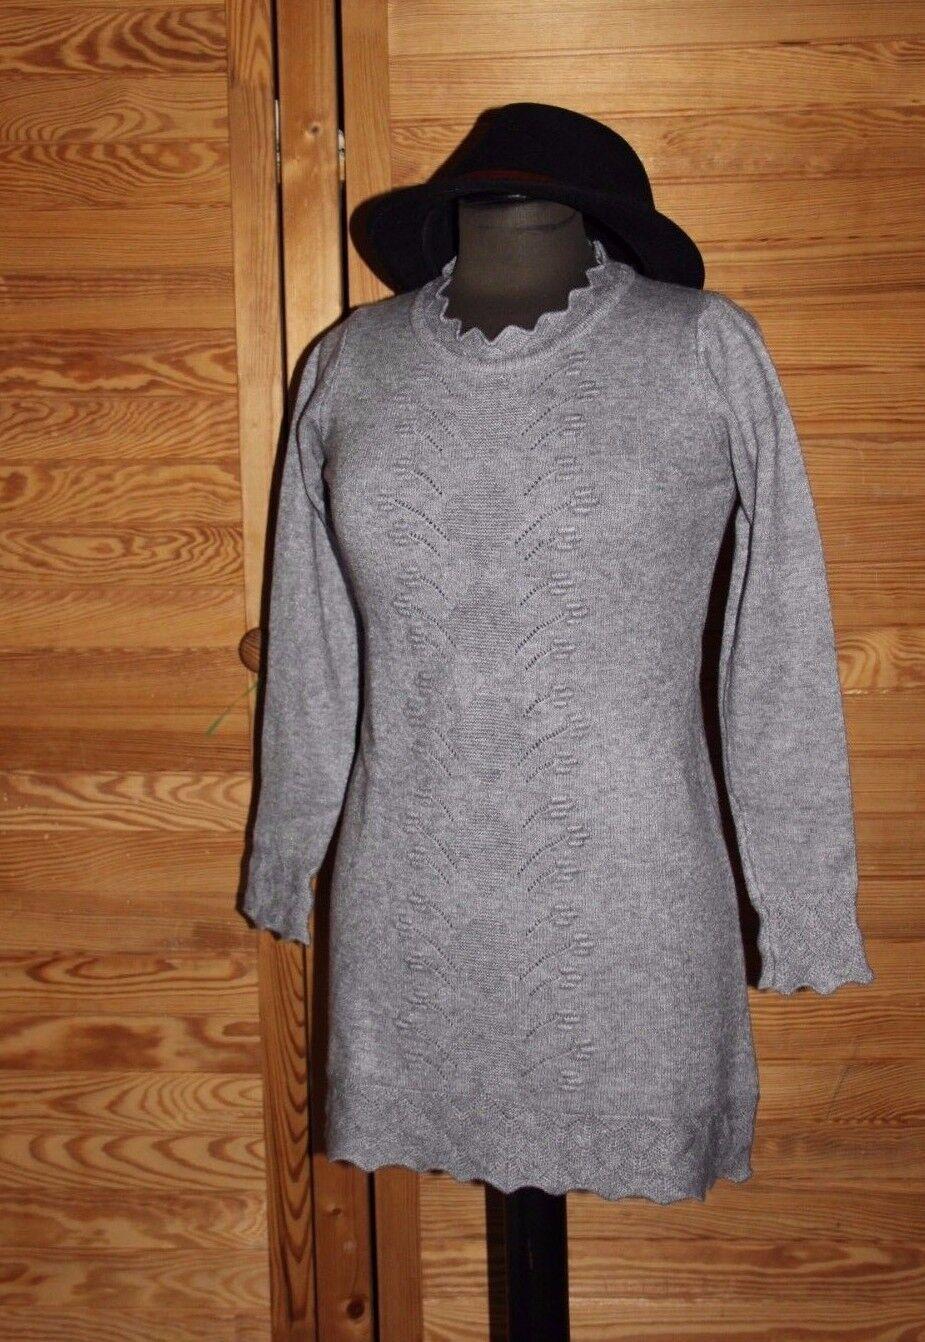 Strickkleid Winterkleid Baumwolle-Kaschmir Grau 78 cm Knielang Langarm 38   40